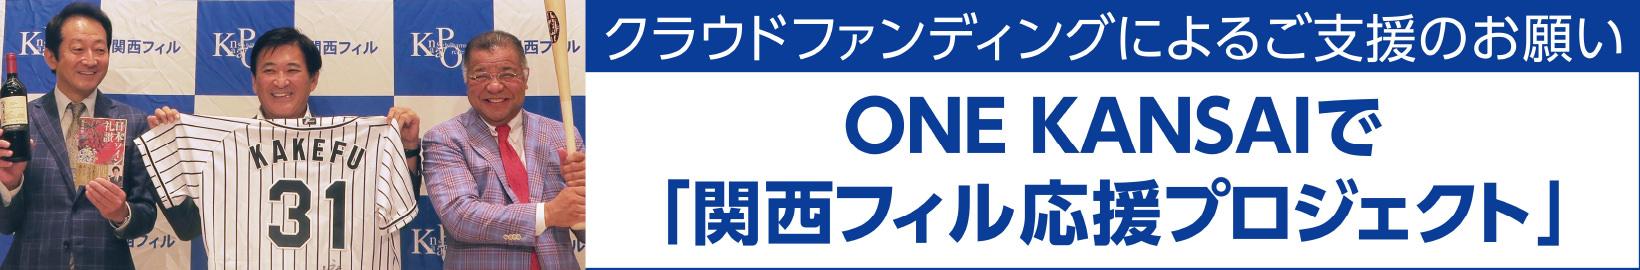 クラウドファンディングによるご支援のお願いONE KANSAIで「関西フィル応援プロジェクト」